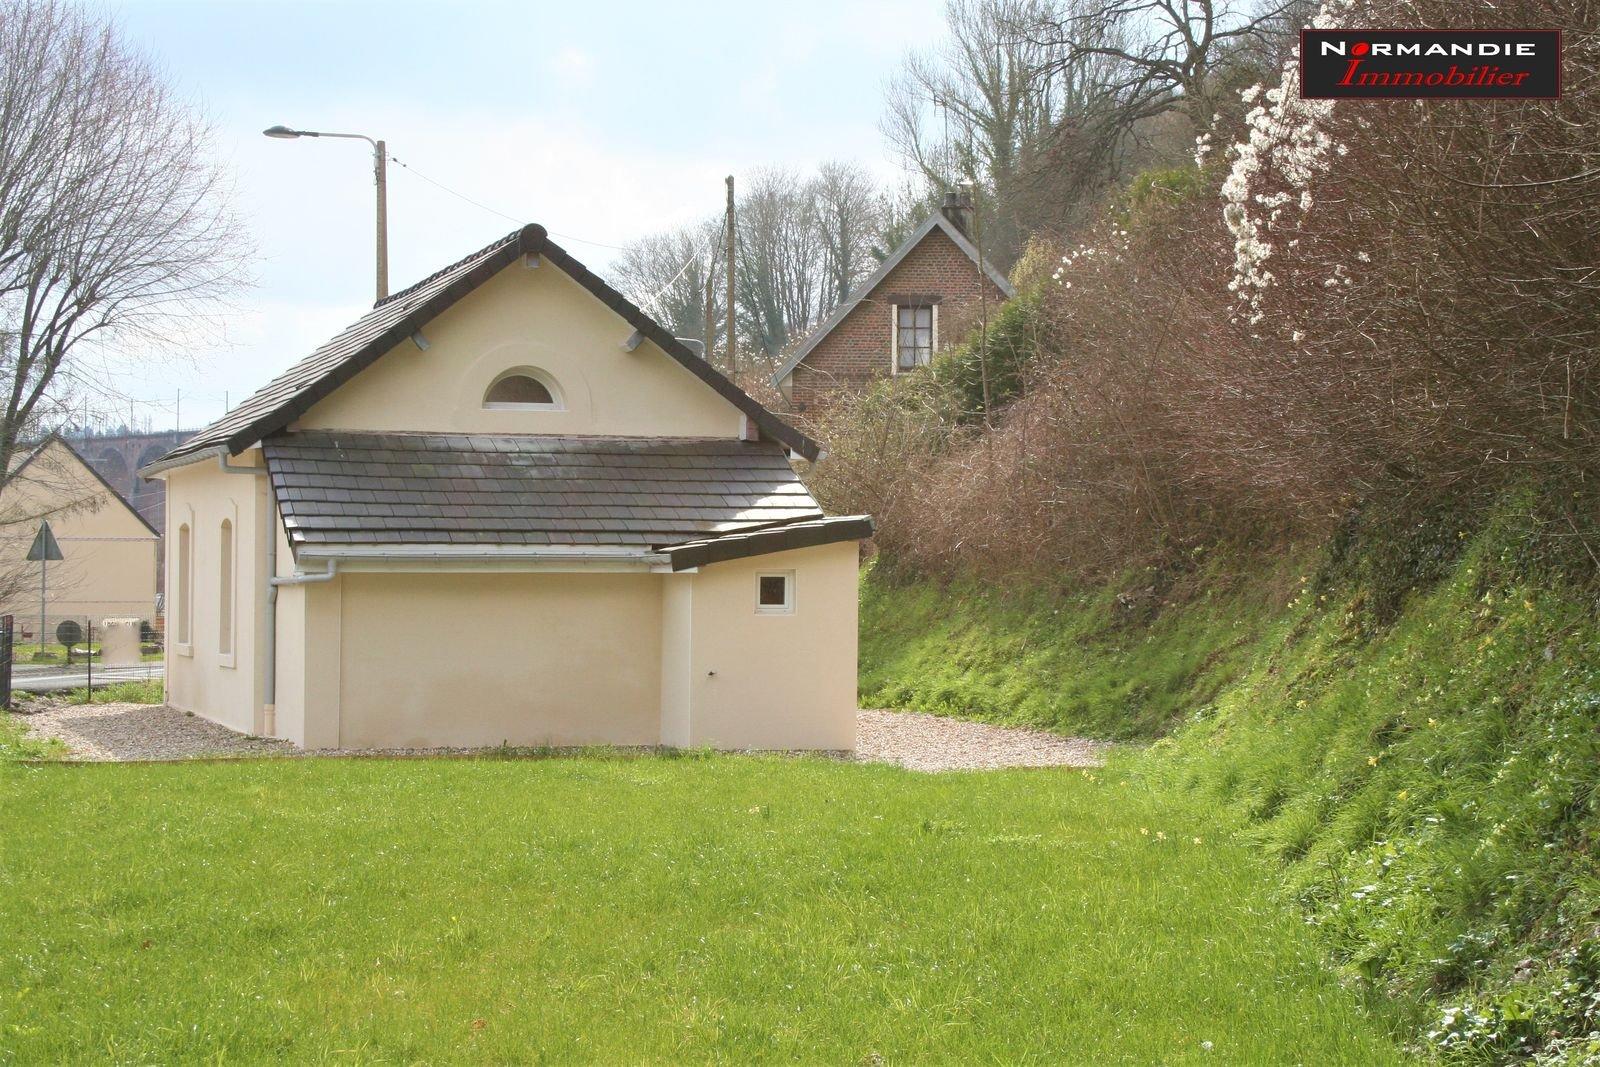 A louer, à Barentin, maison individuelle rénovée avec jardin